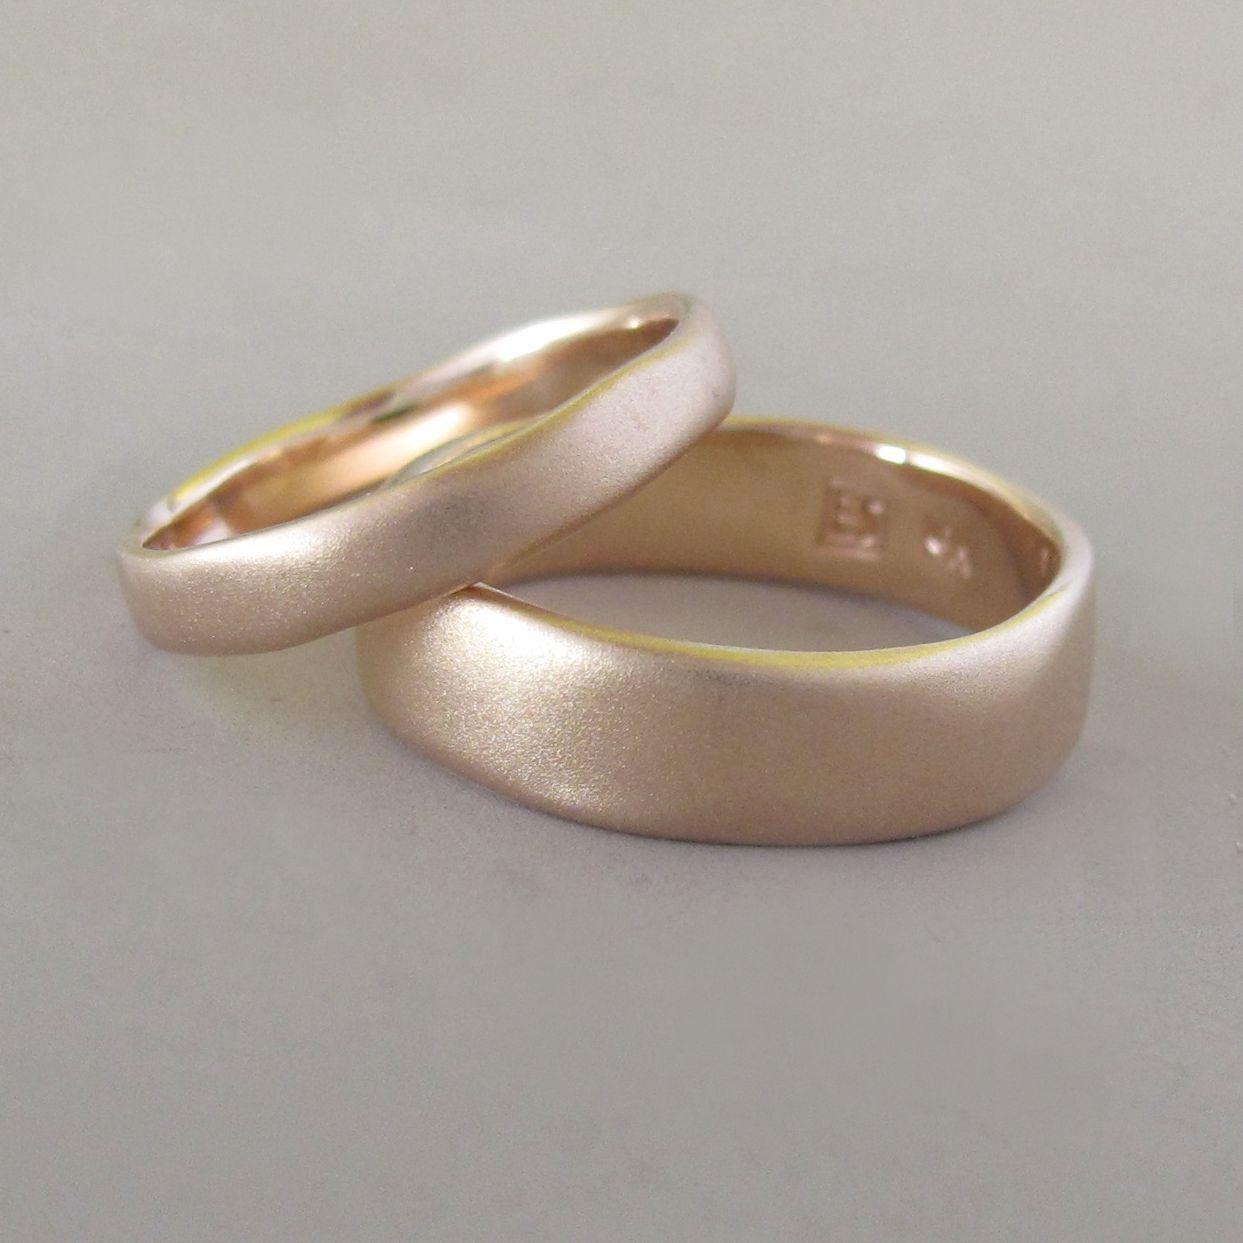 River Wedding Ring in 14k Rose or Yellow Gold, Modern Organic ...